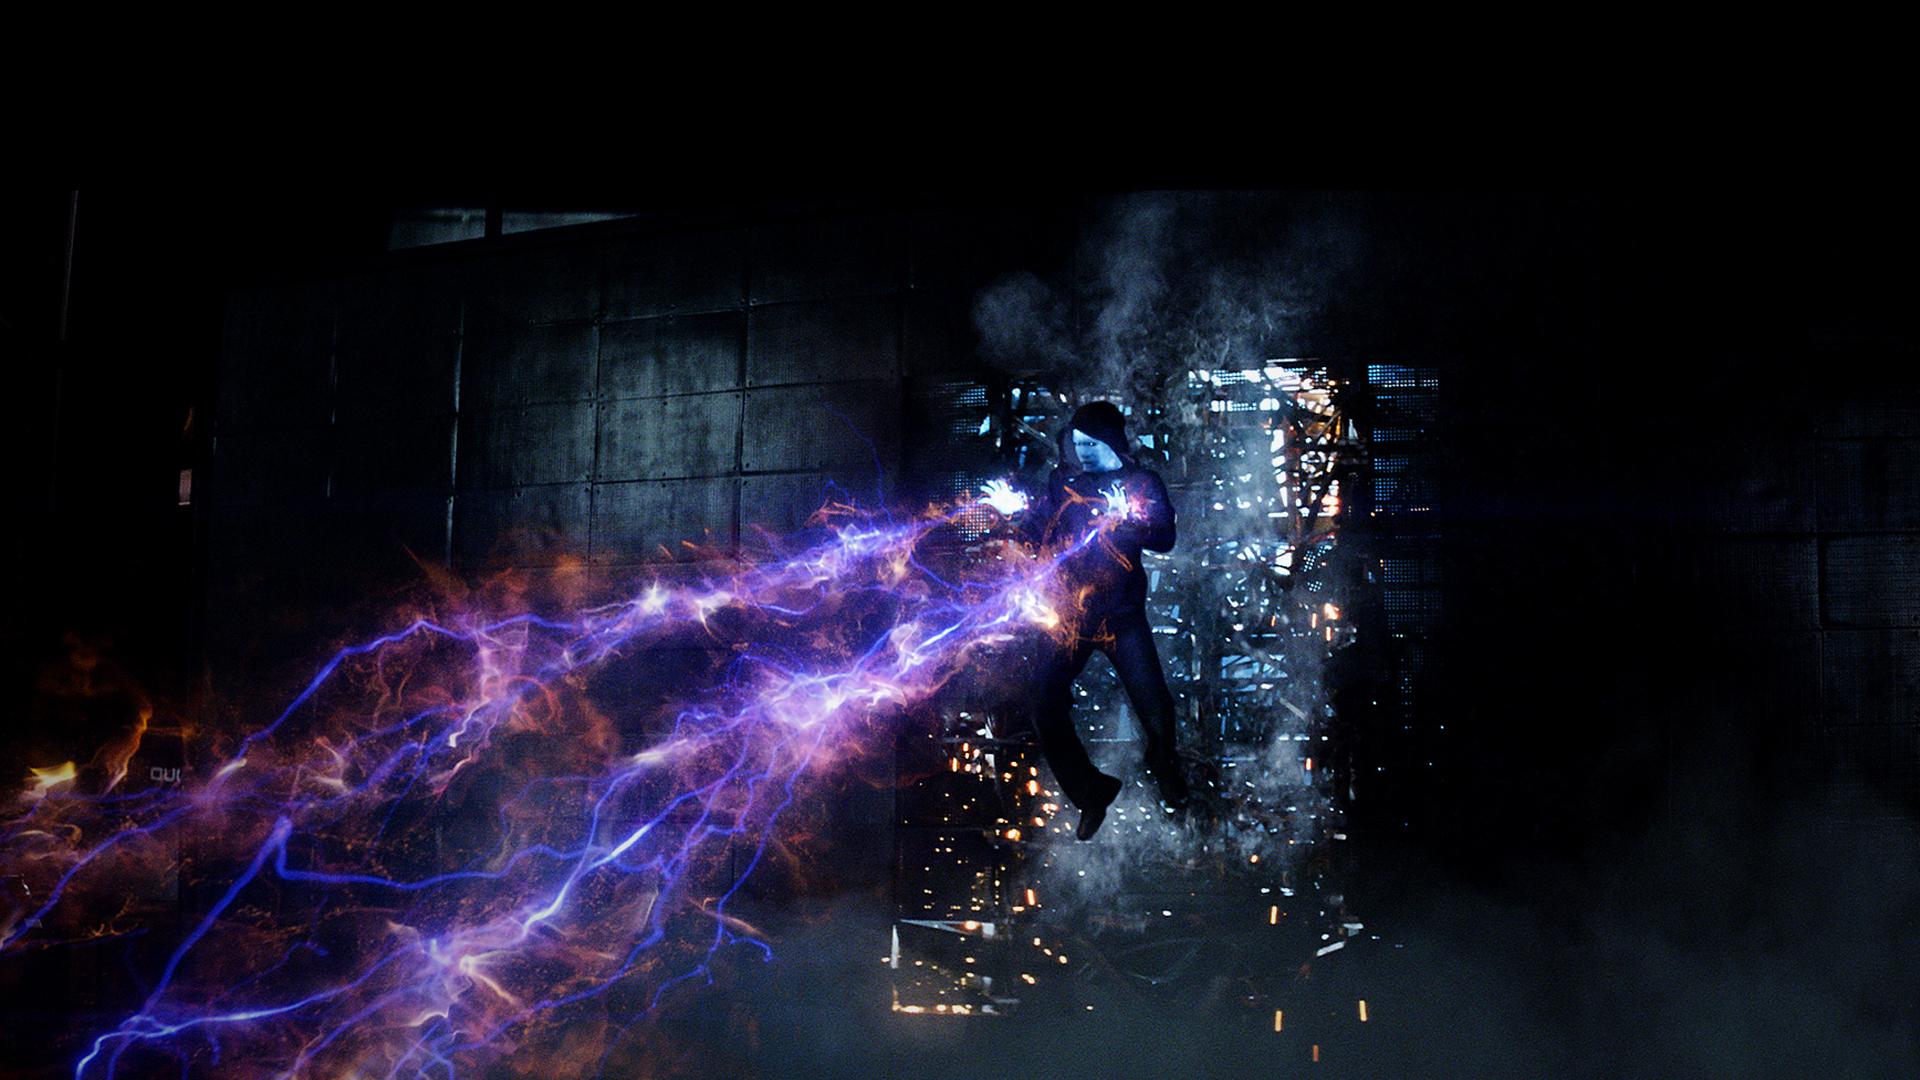 Spiderman 4 Wallpaper Hd 1080p 2 2014 movie hd wallpaper 1920x1080